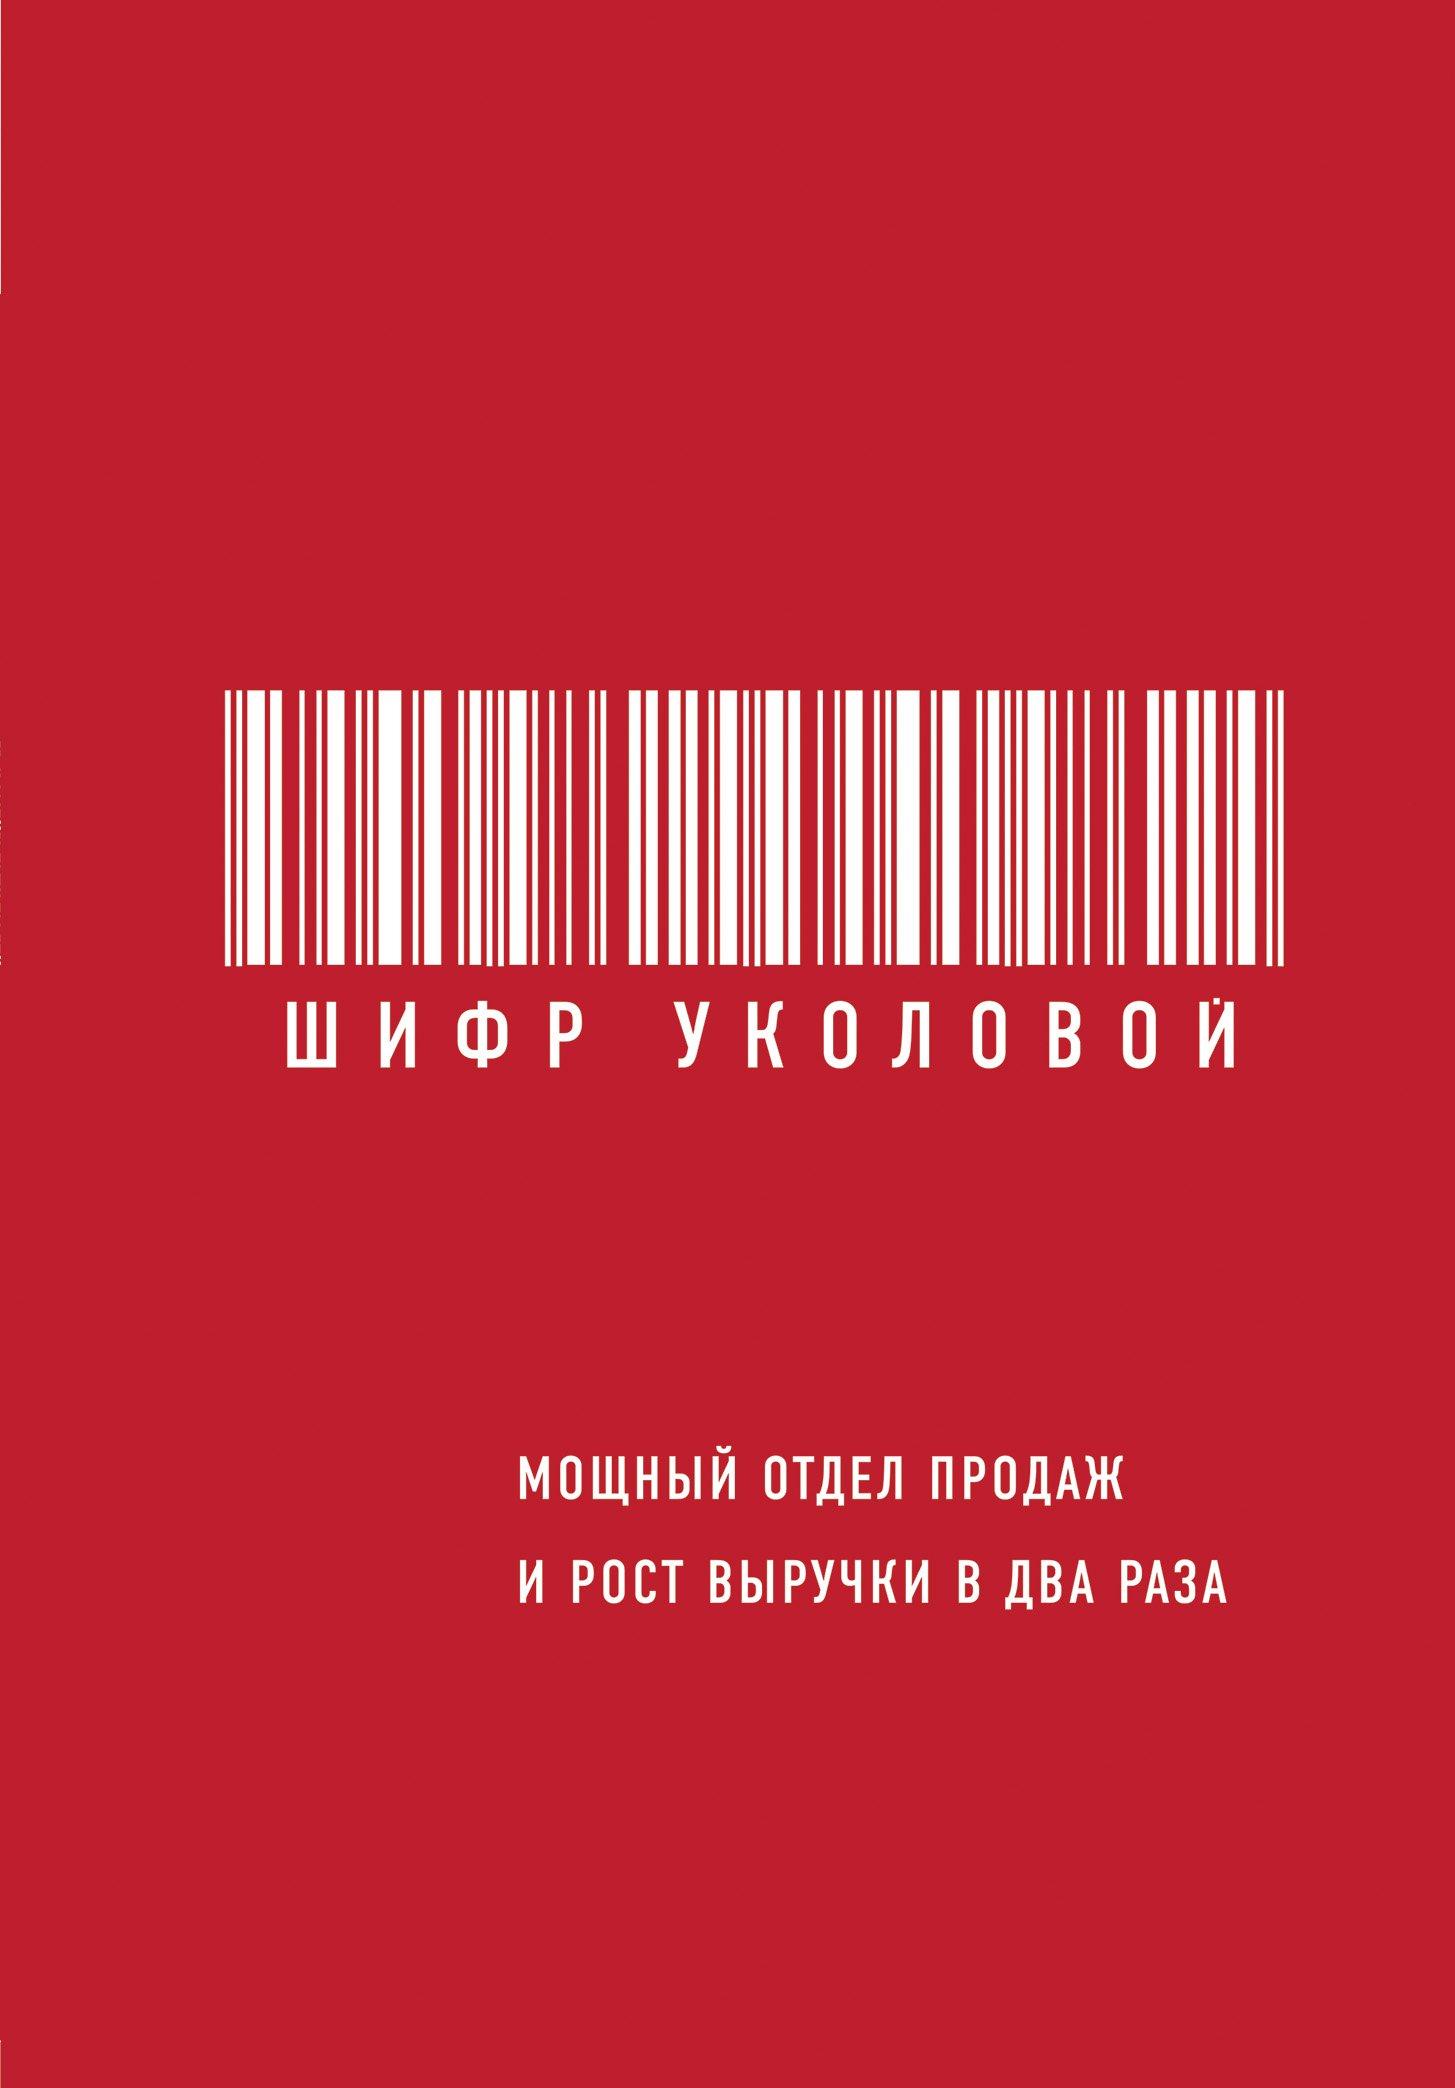 Екатерина Уколова Шифр Уколовой. Мощный отдел продаж и рост выручки в два раза